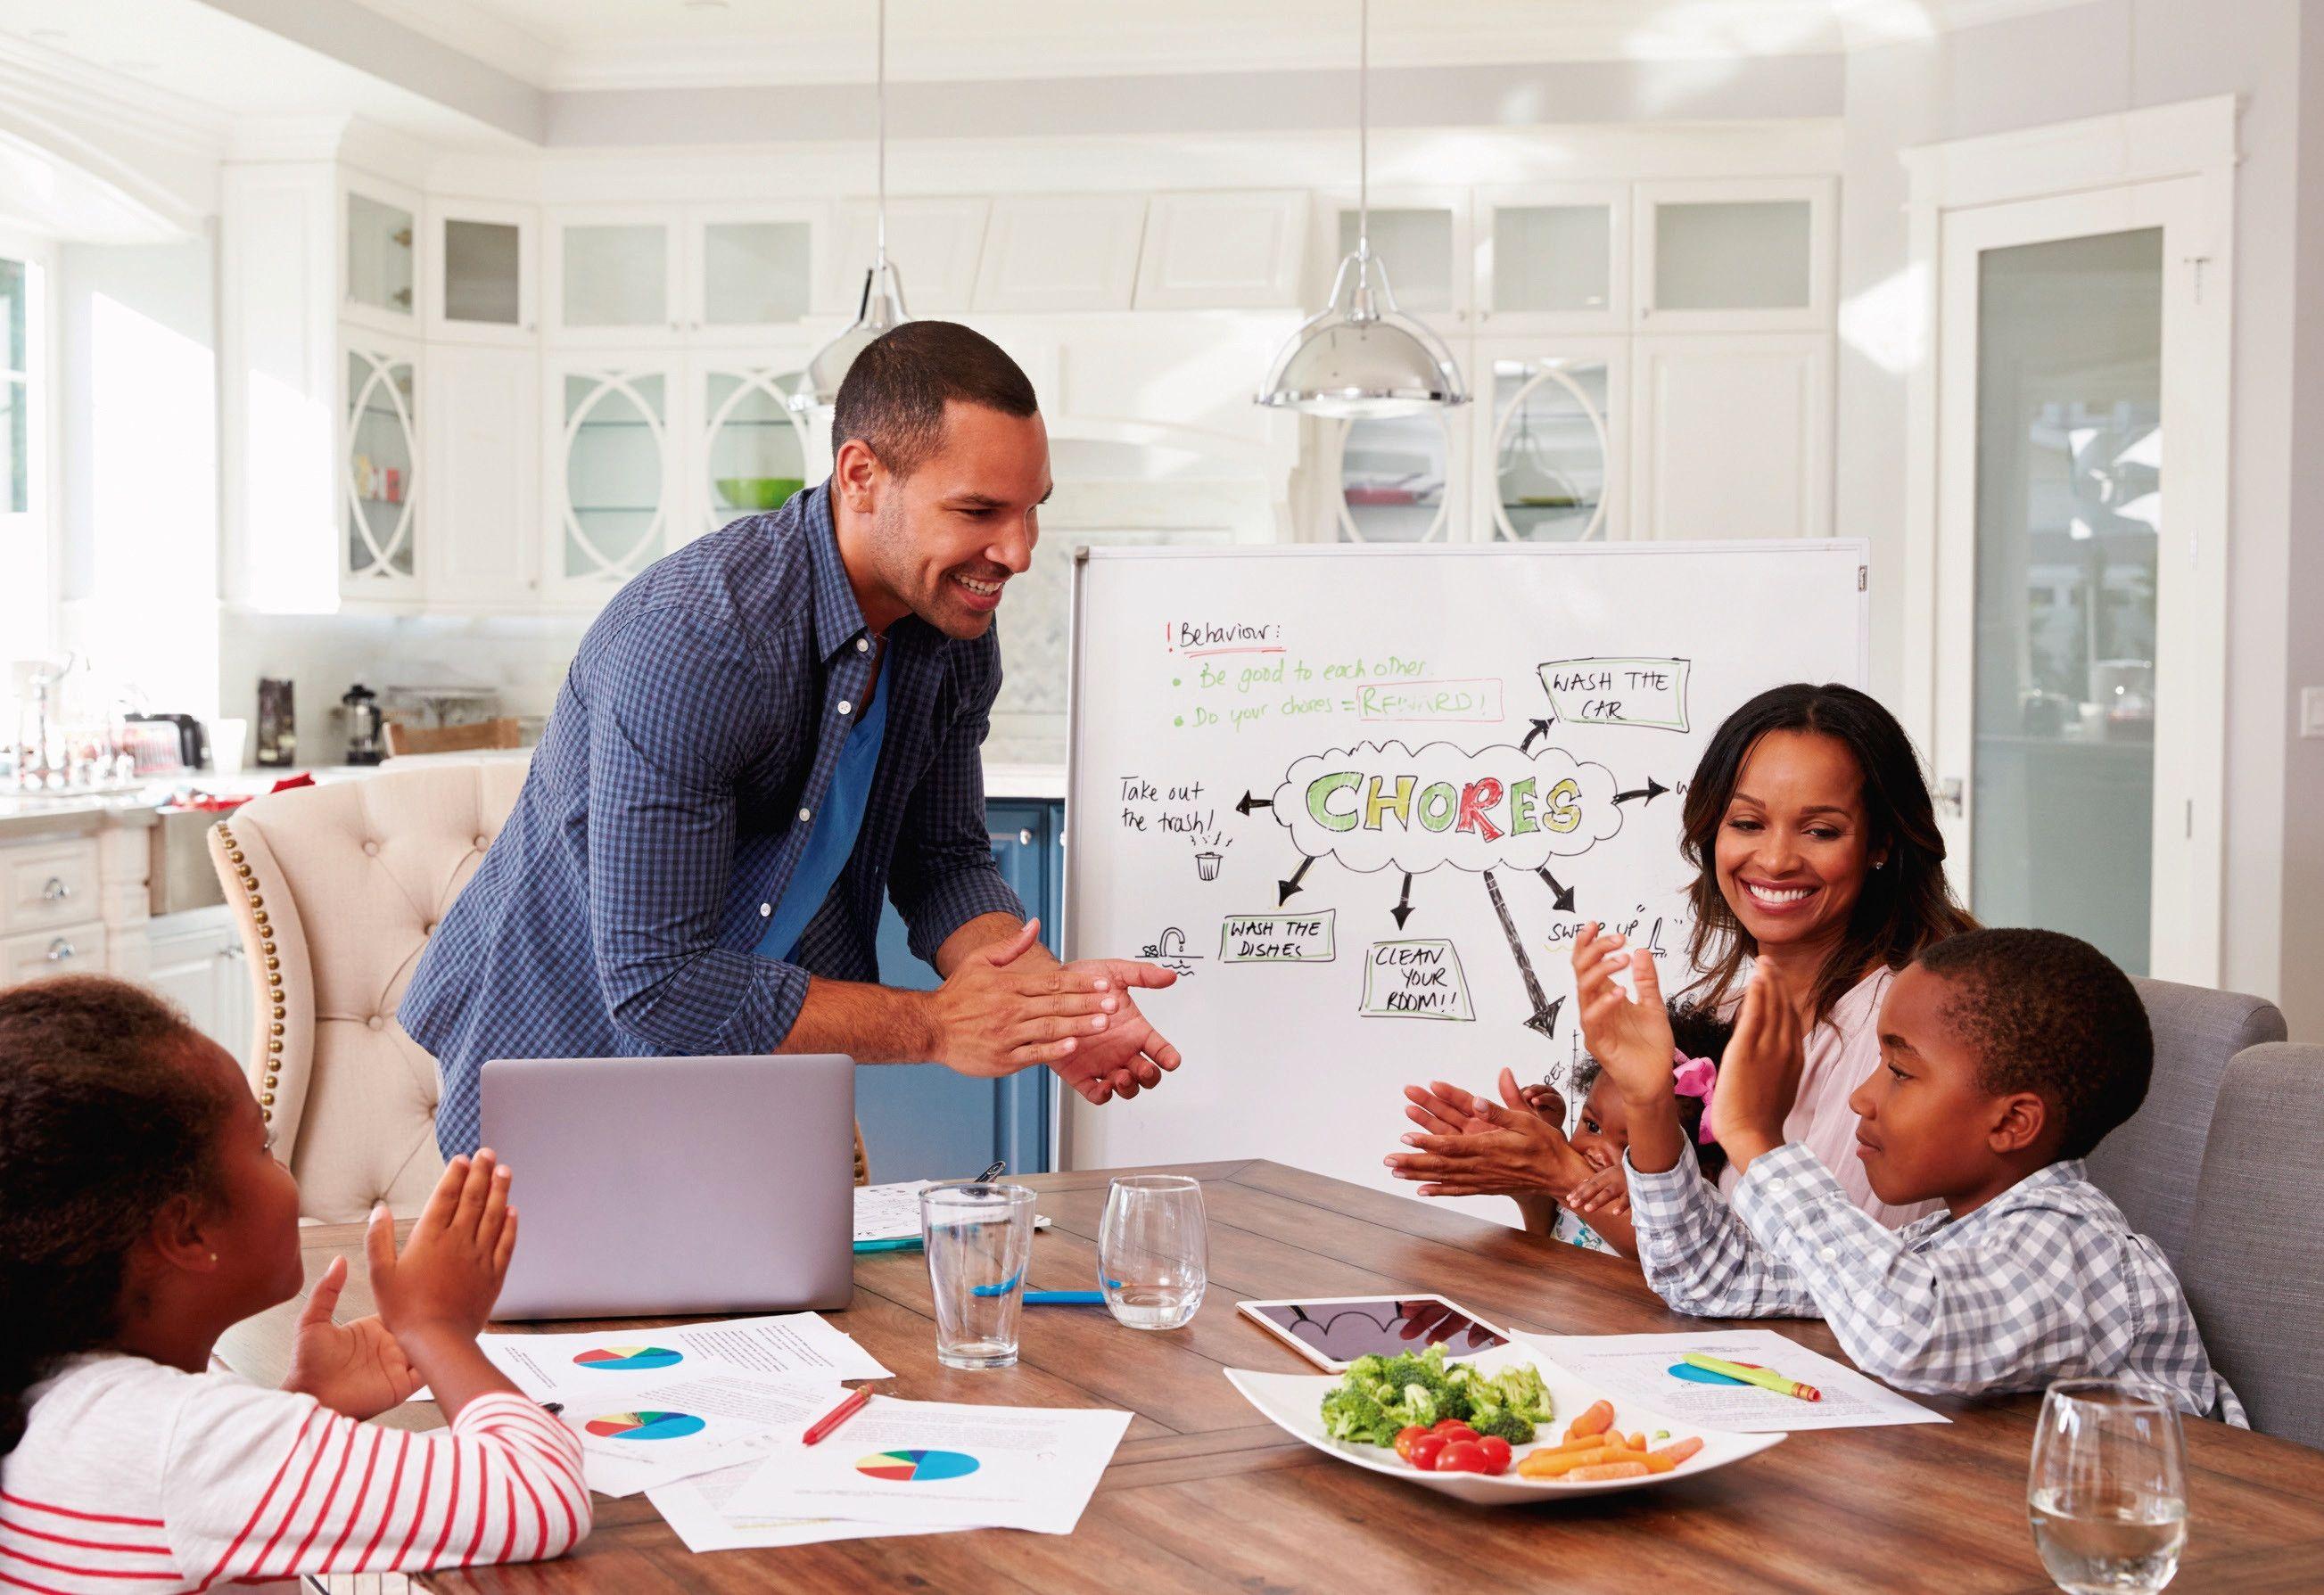 La Responsabilidad Familiar Corporativa proporciona Apoyo profesional, servicios y beneficios familiares